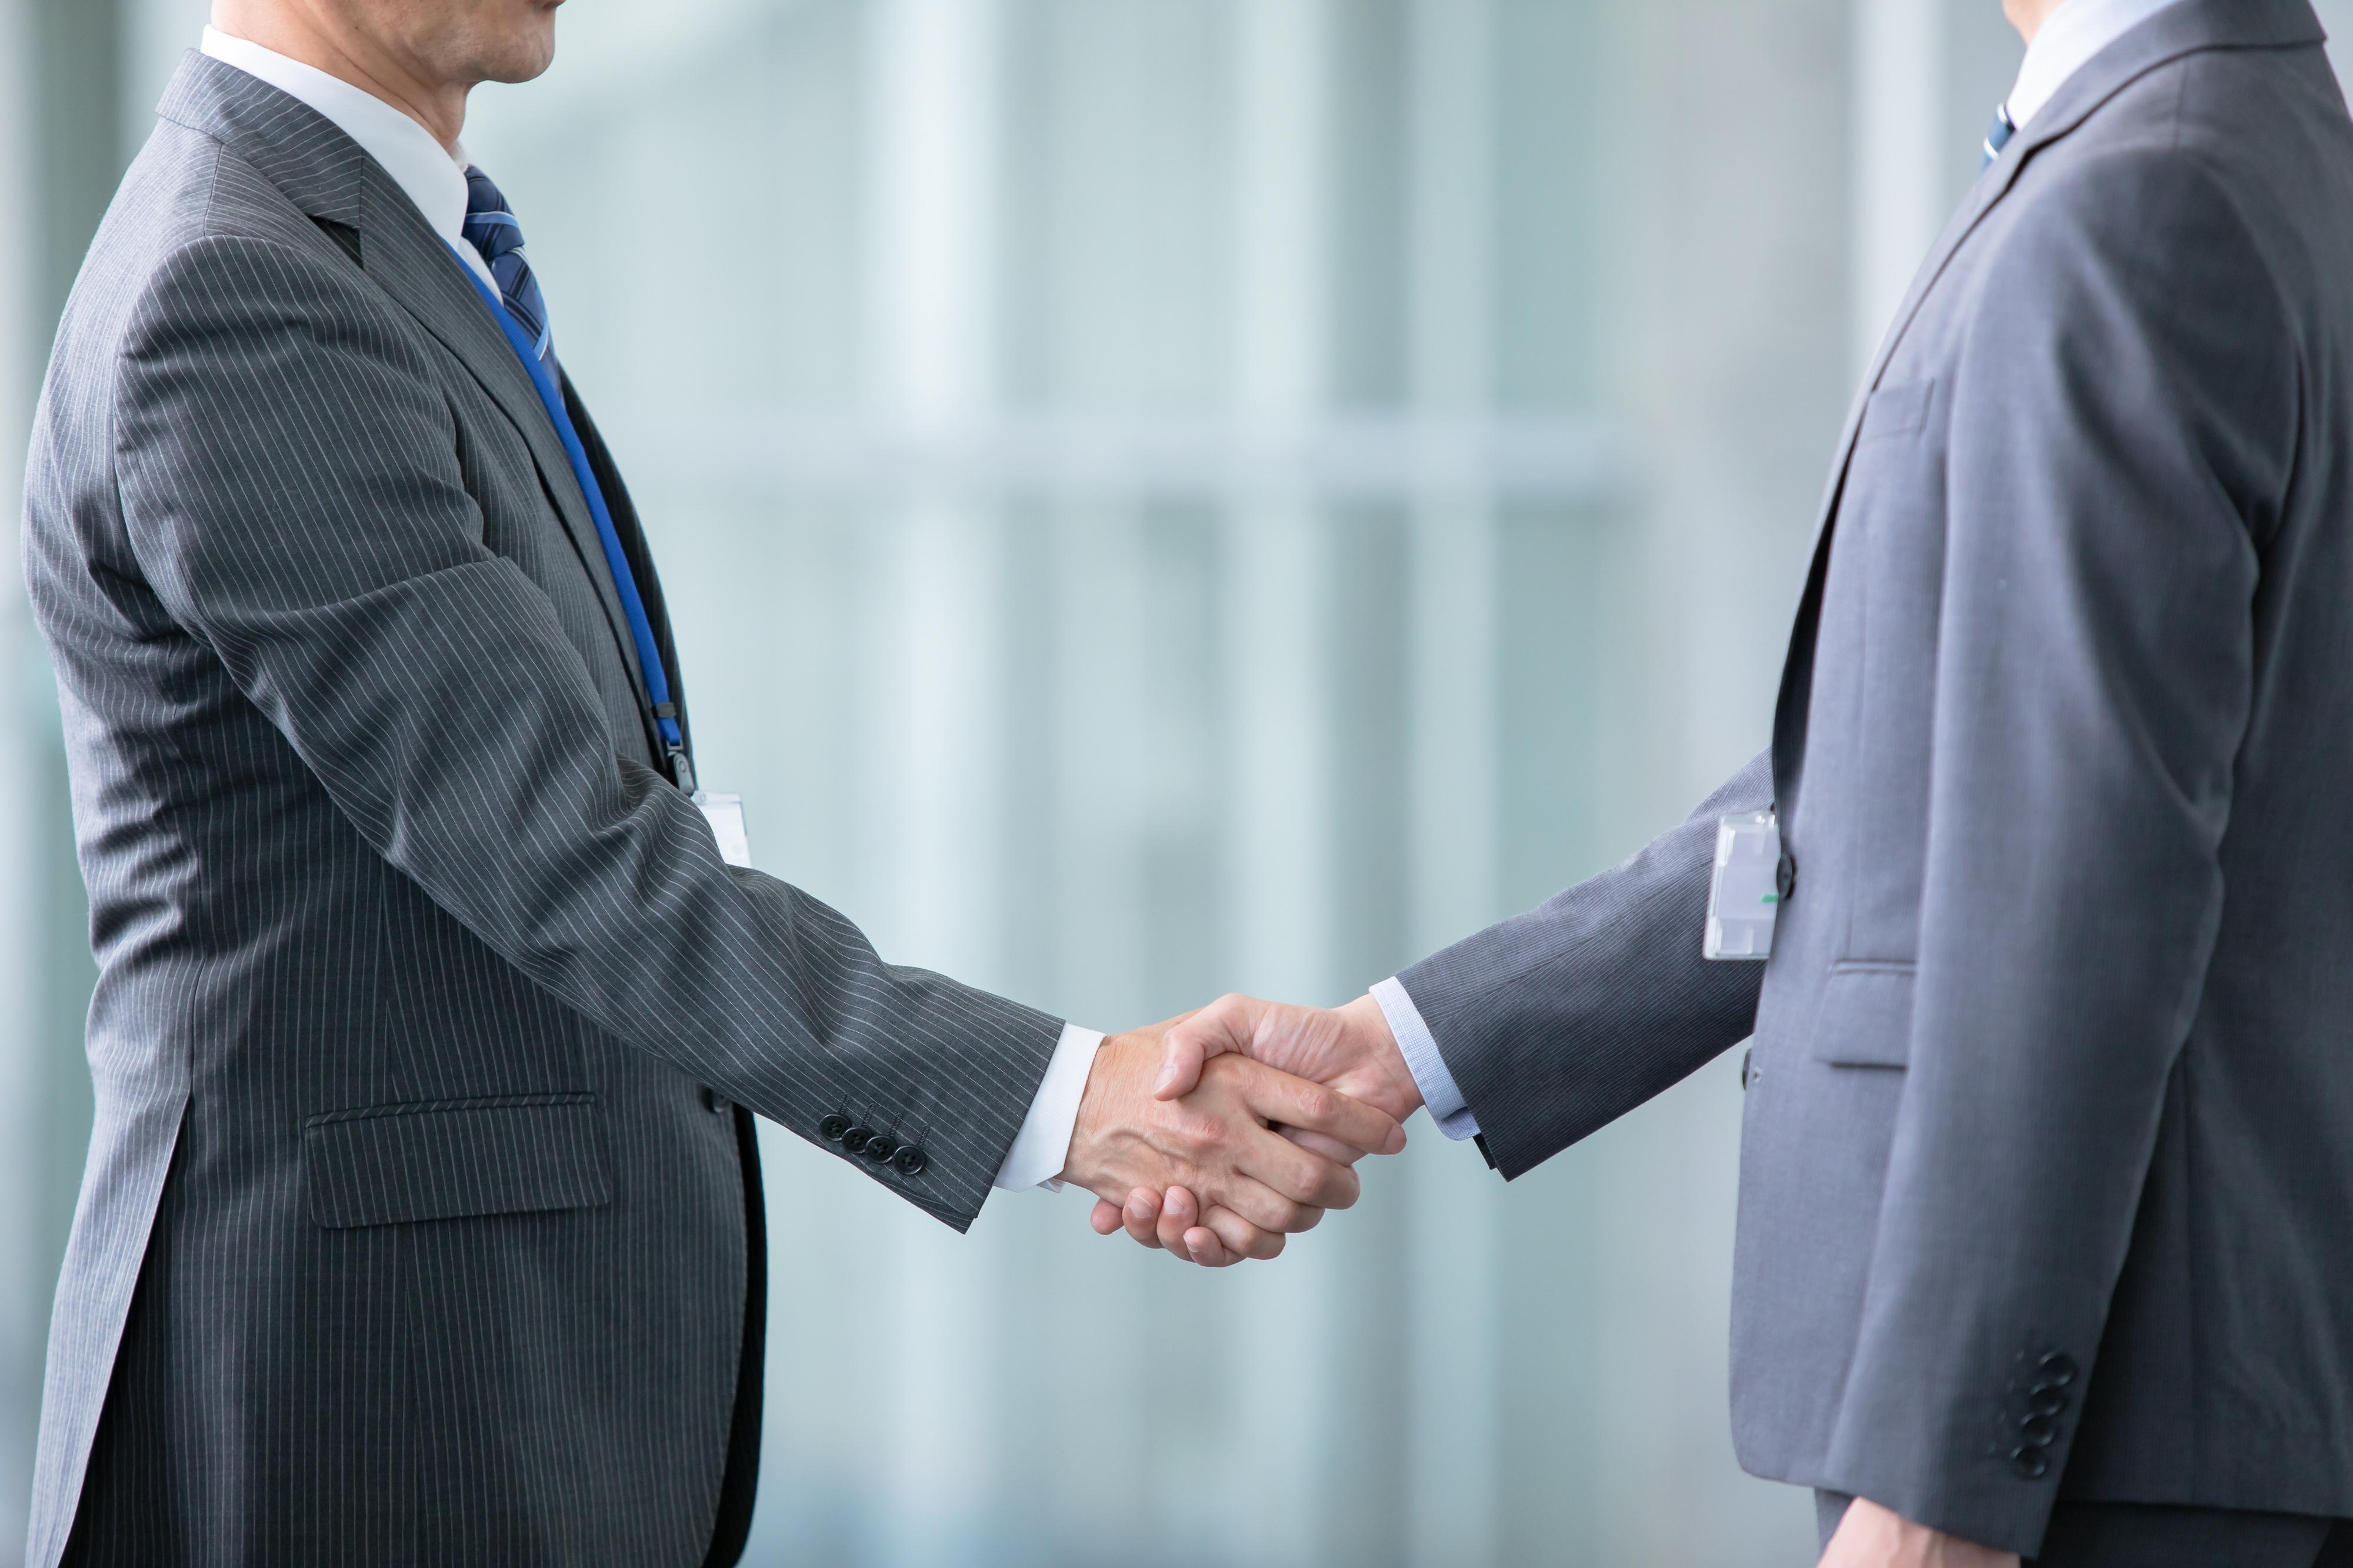 ベンチャーキャピタル(VC)の正しい選び方|どのベンチャーキャピタルを選ぶべきか